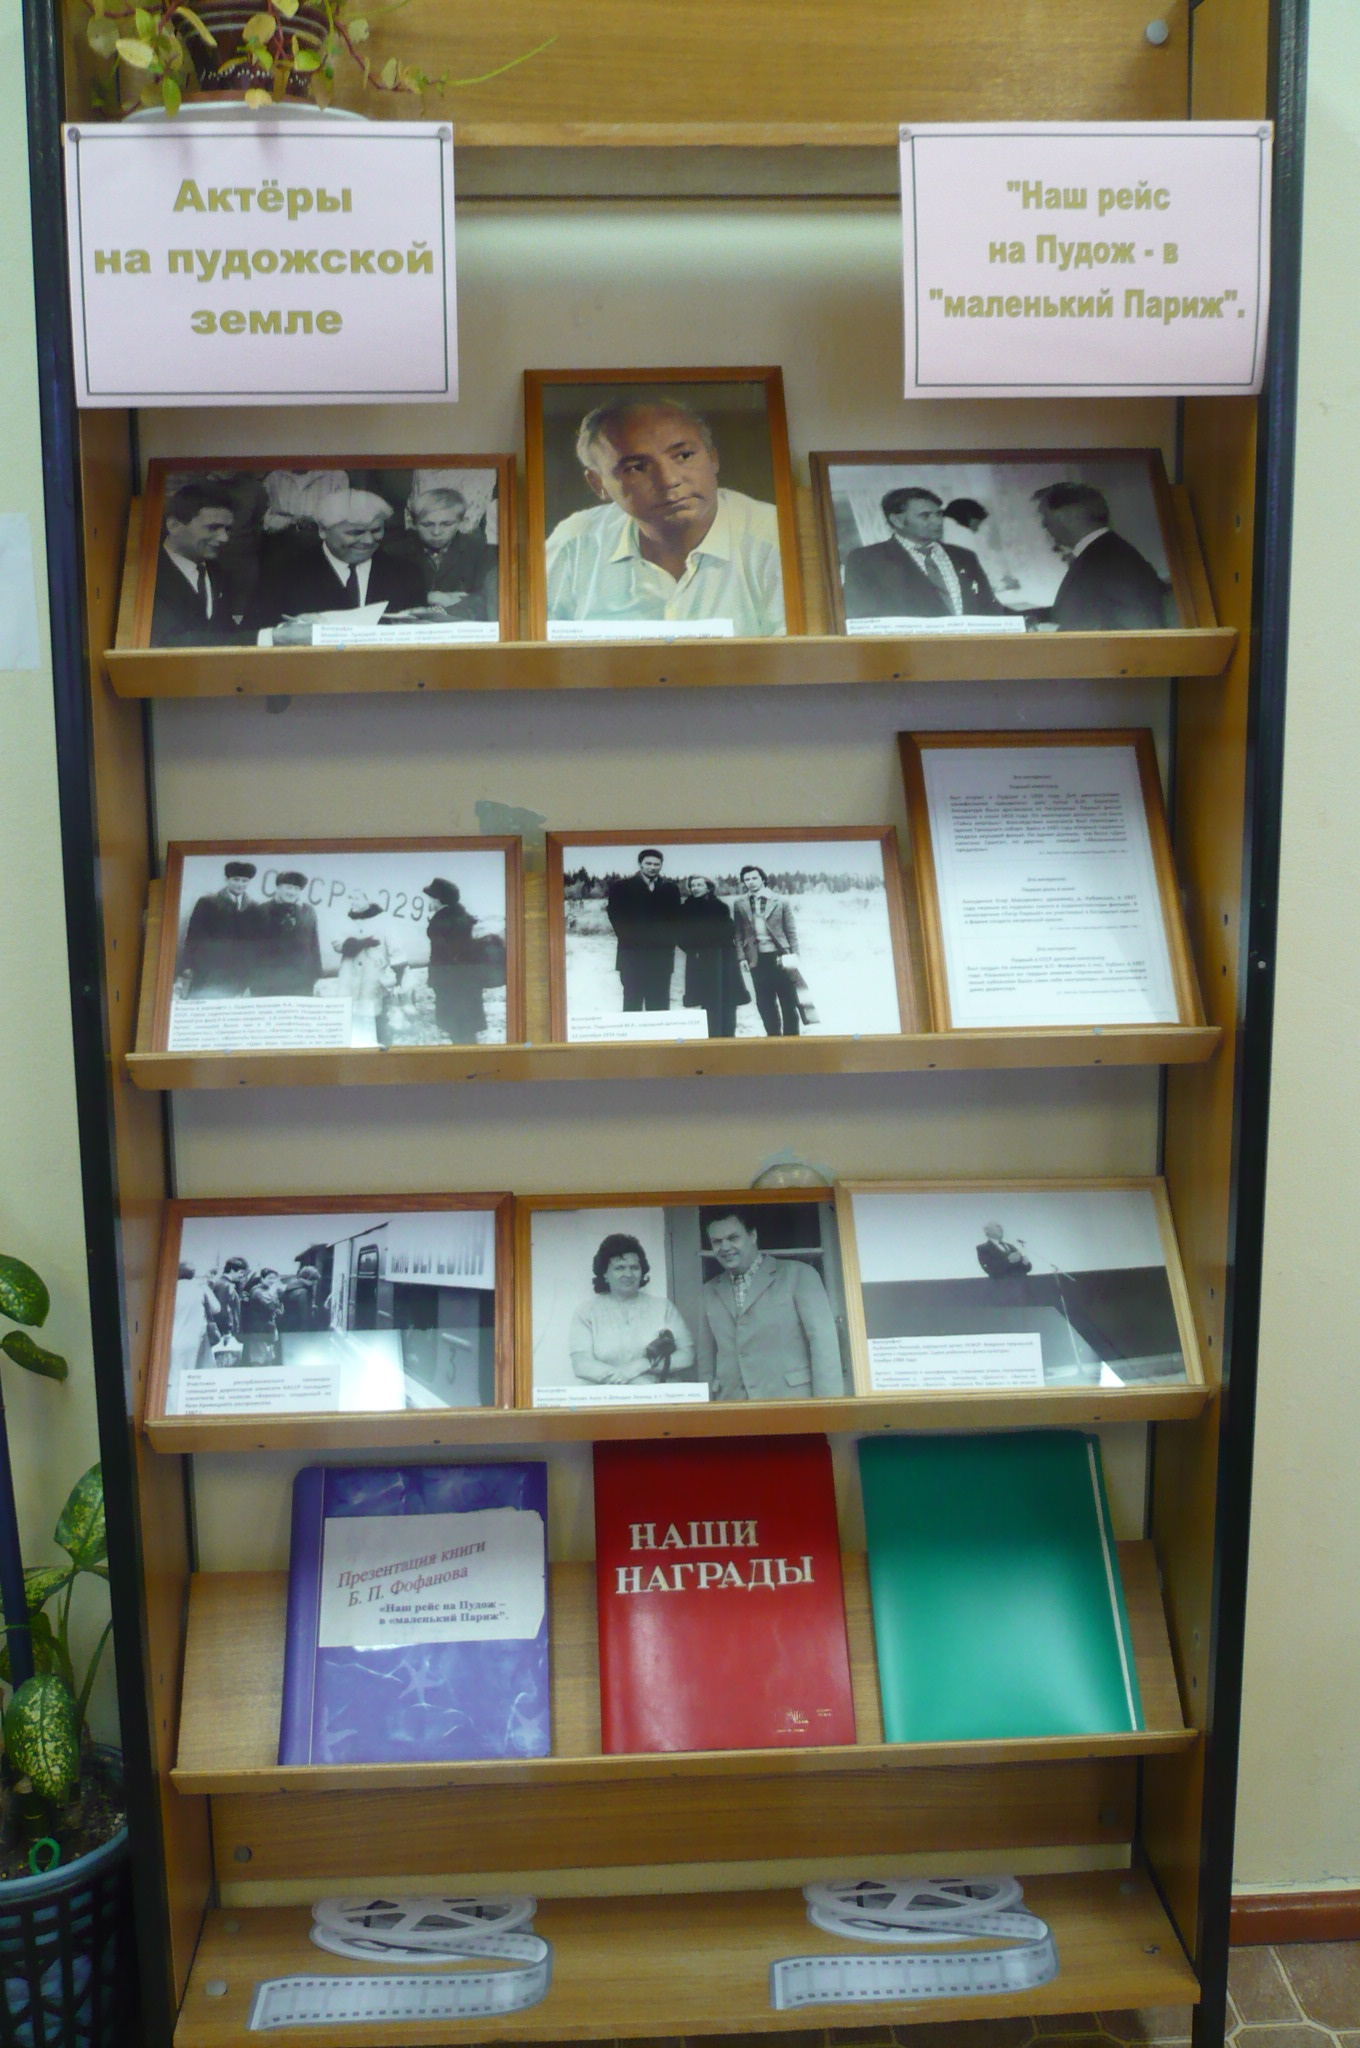 На выставке «Актеры на пудожской земле» были представлены материалы из личного архива Б.П. Фофанова.